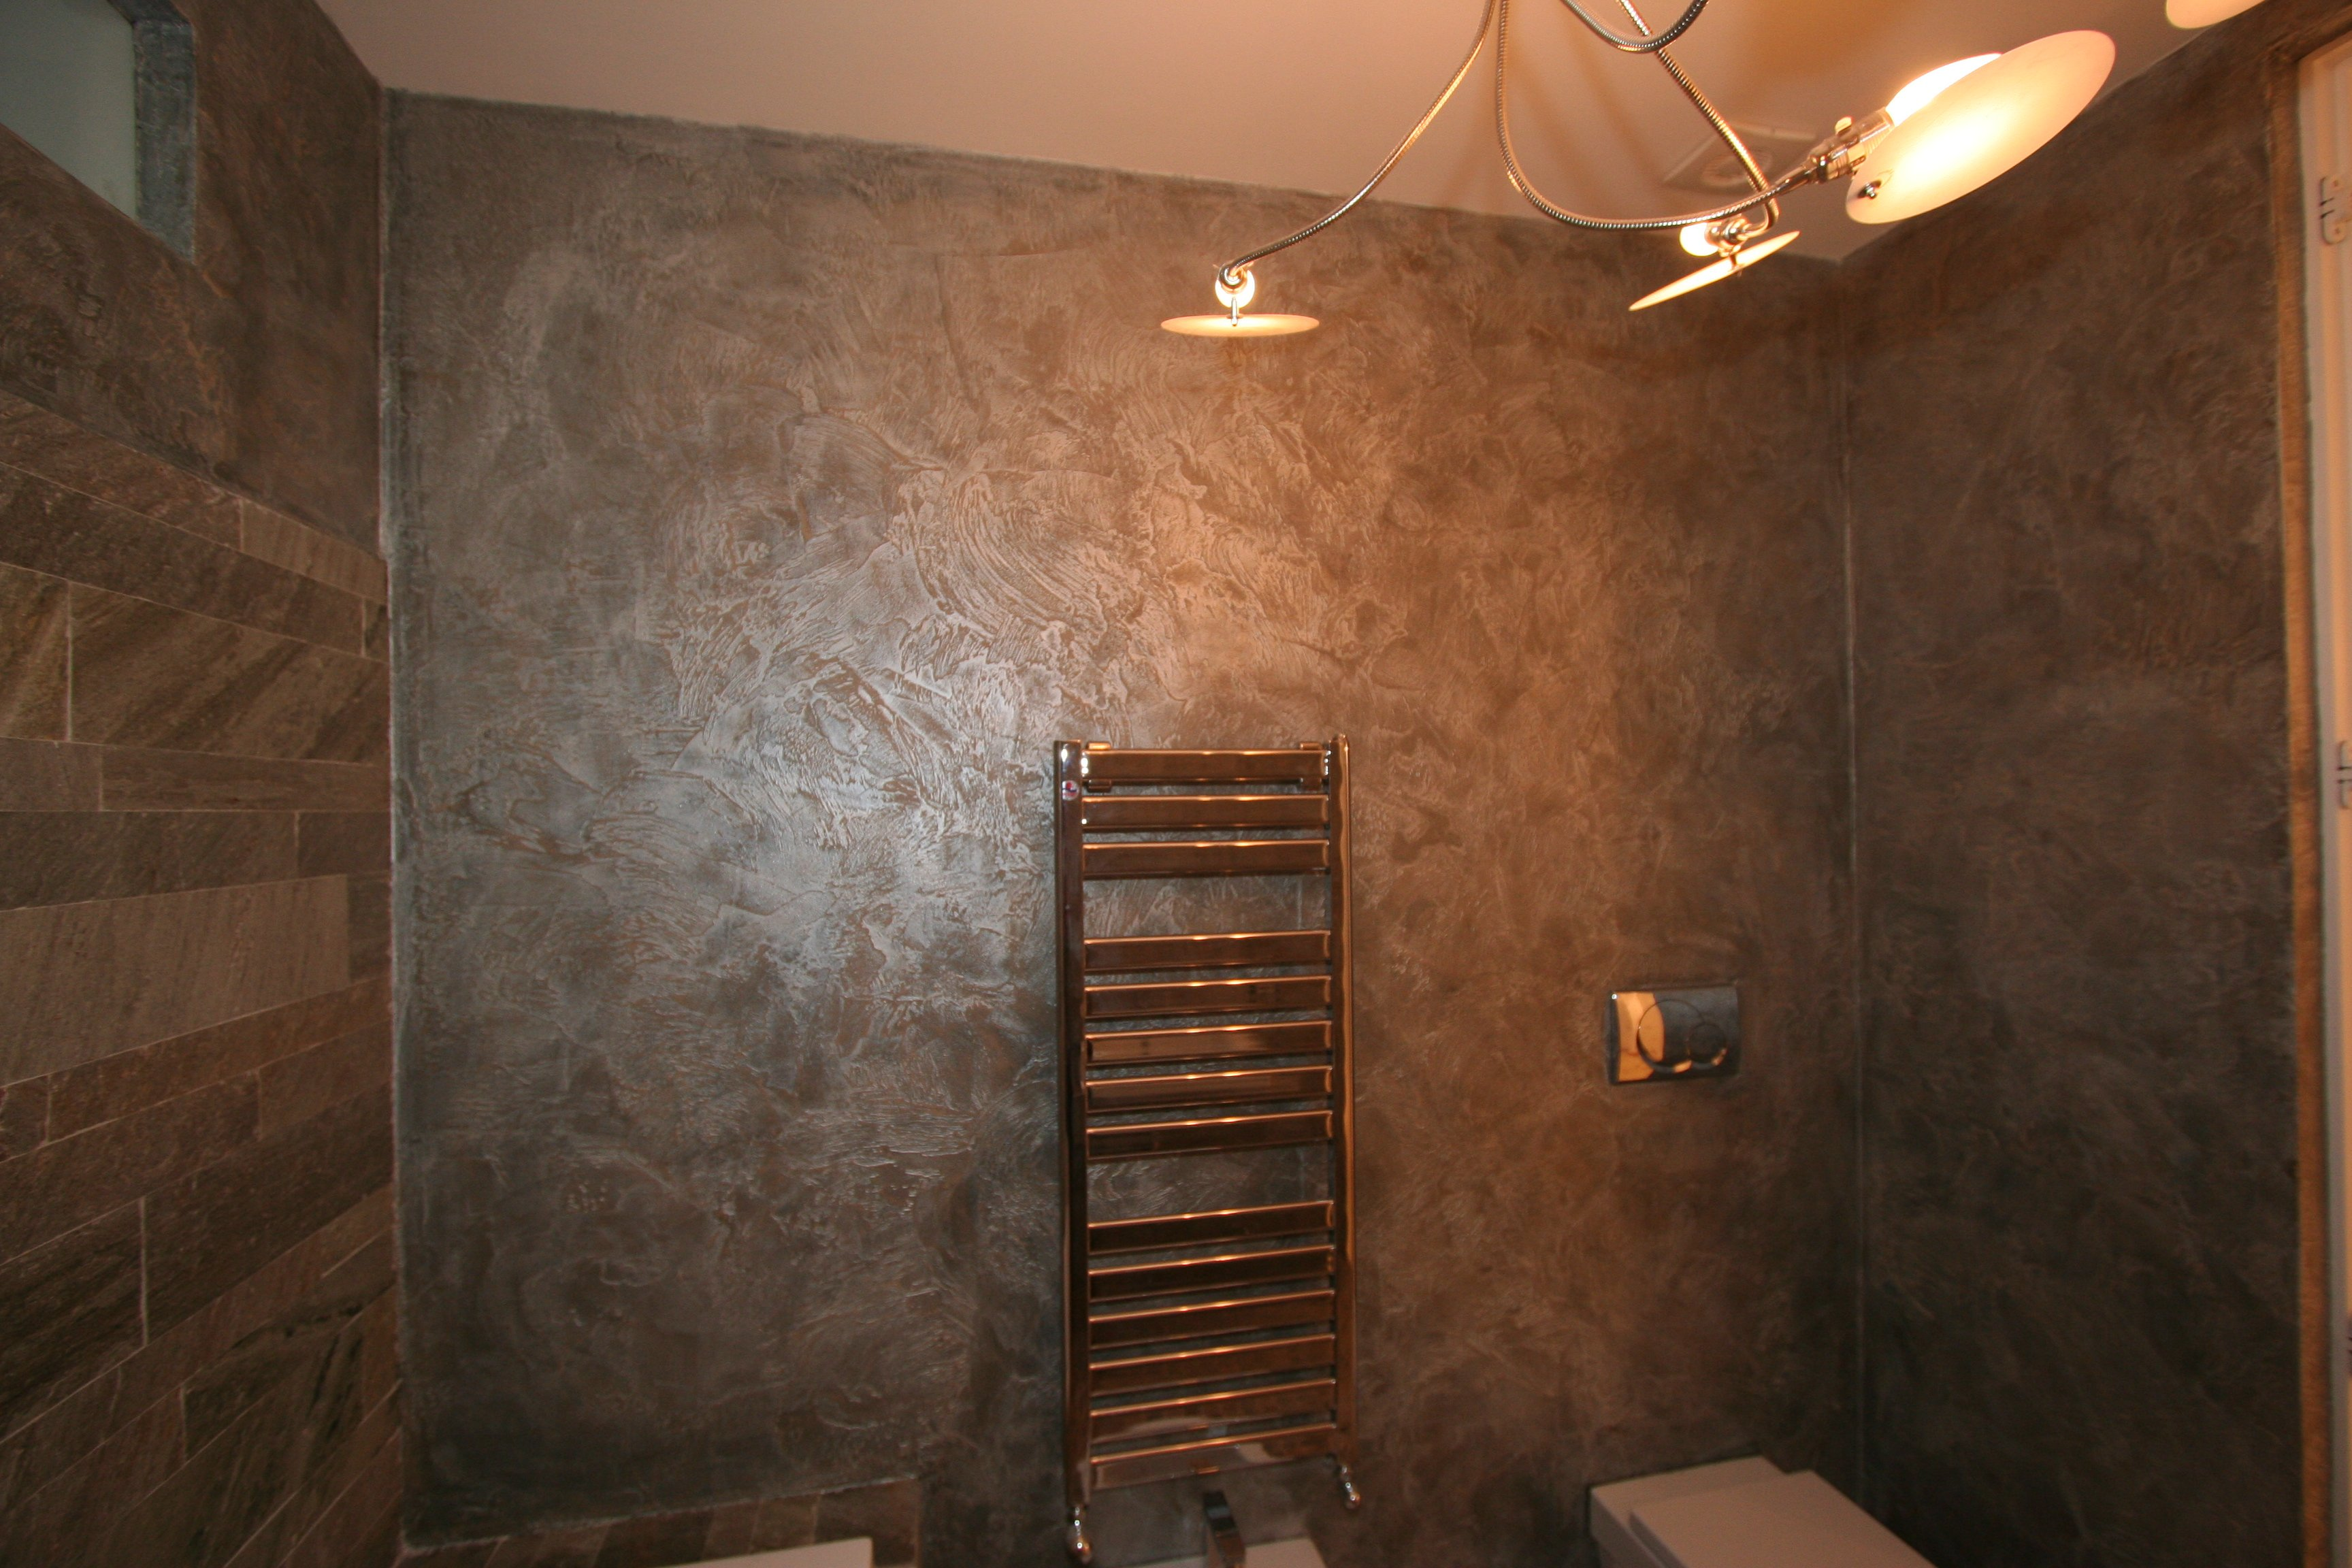 Image bagno 2 foto 2 decorazione in resina e accessori - Pavimento resina bagno ...